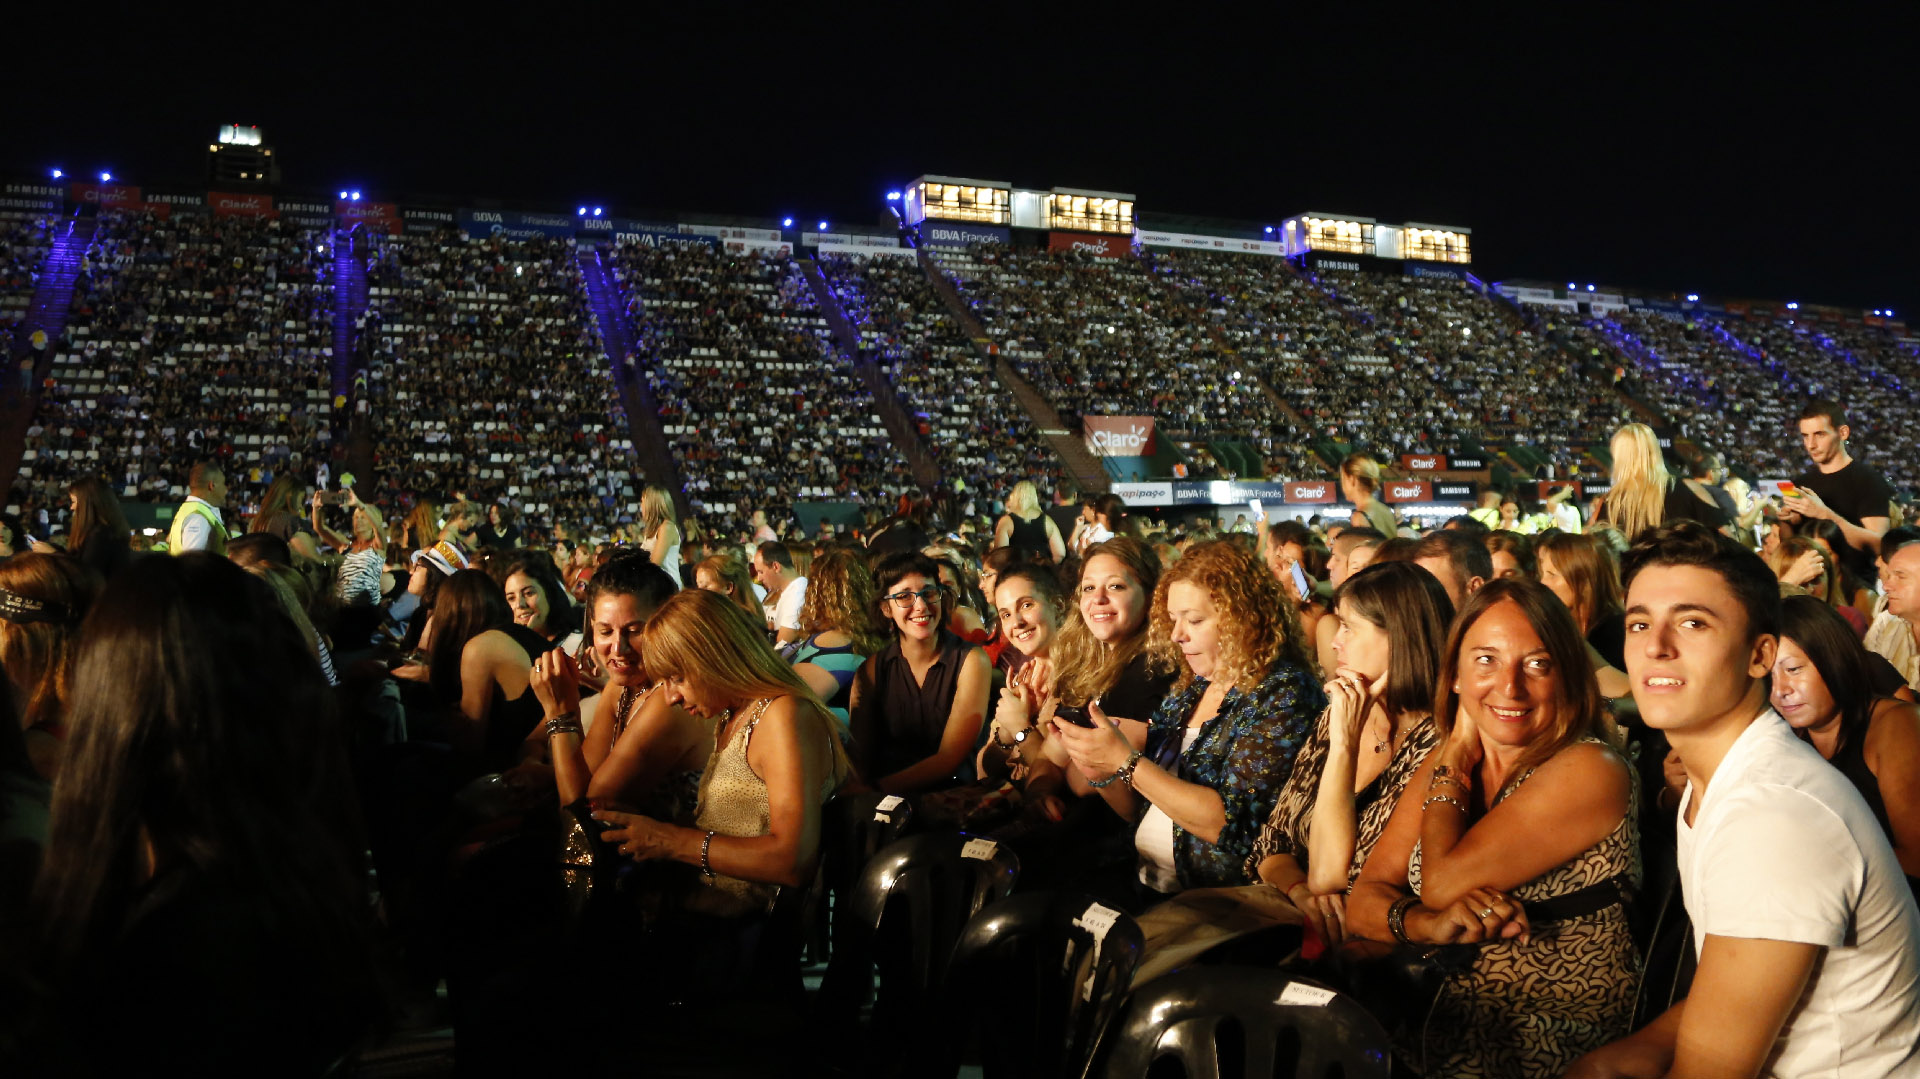 El estadio no presentó ni un solo lugar vacío a la hora en la que comenzó show